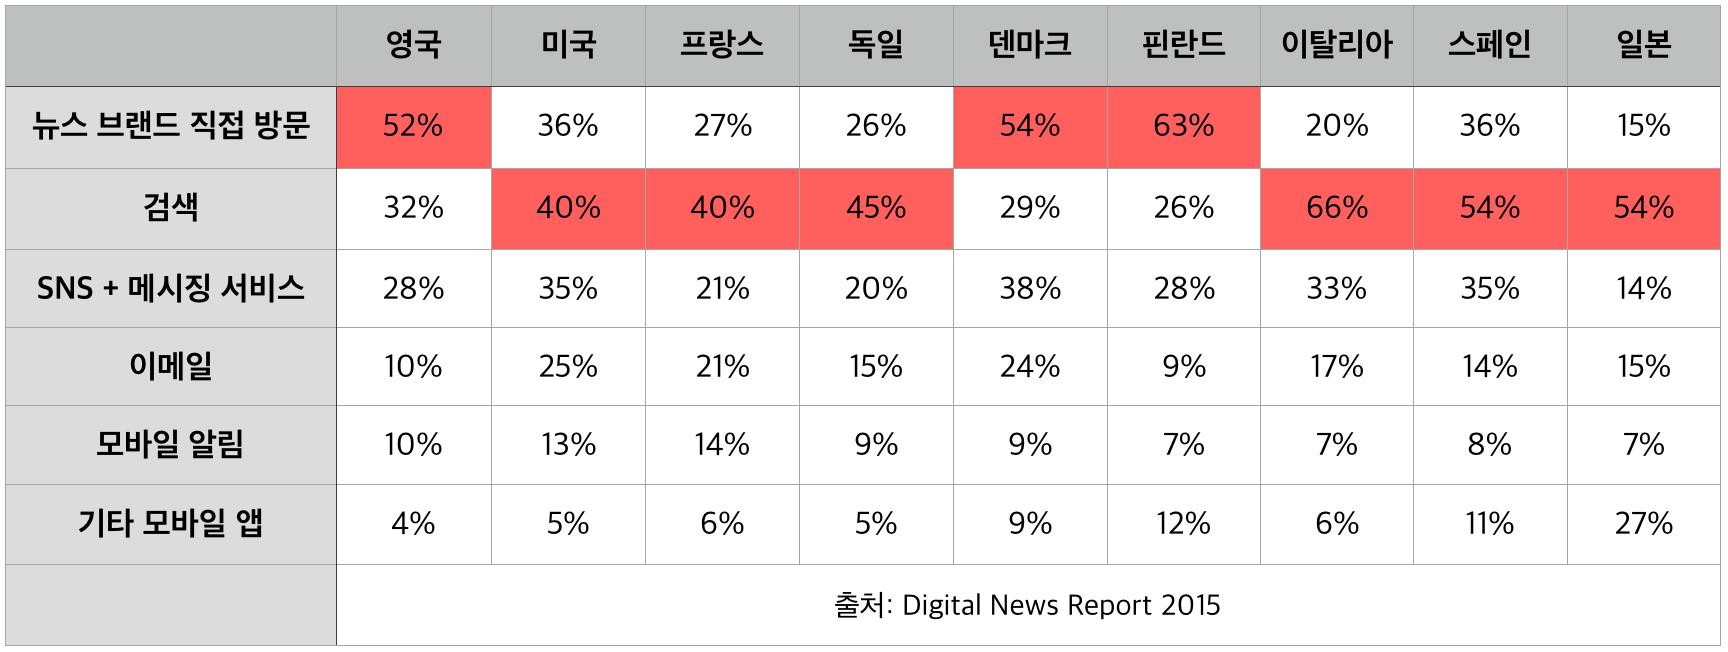 표2) 온라인/디지털 뉴스 시작점